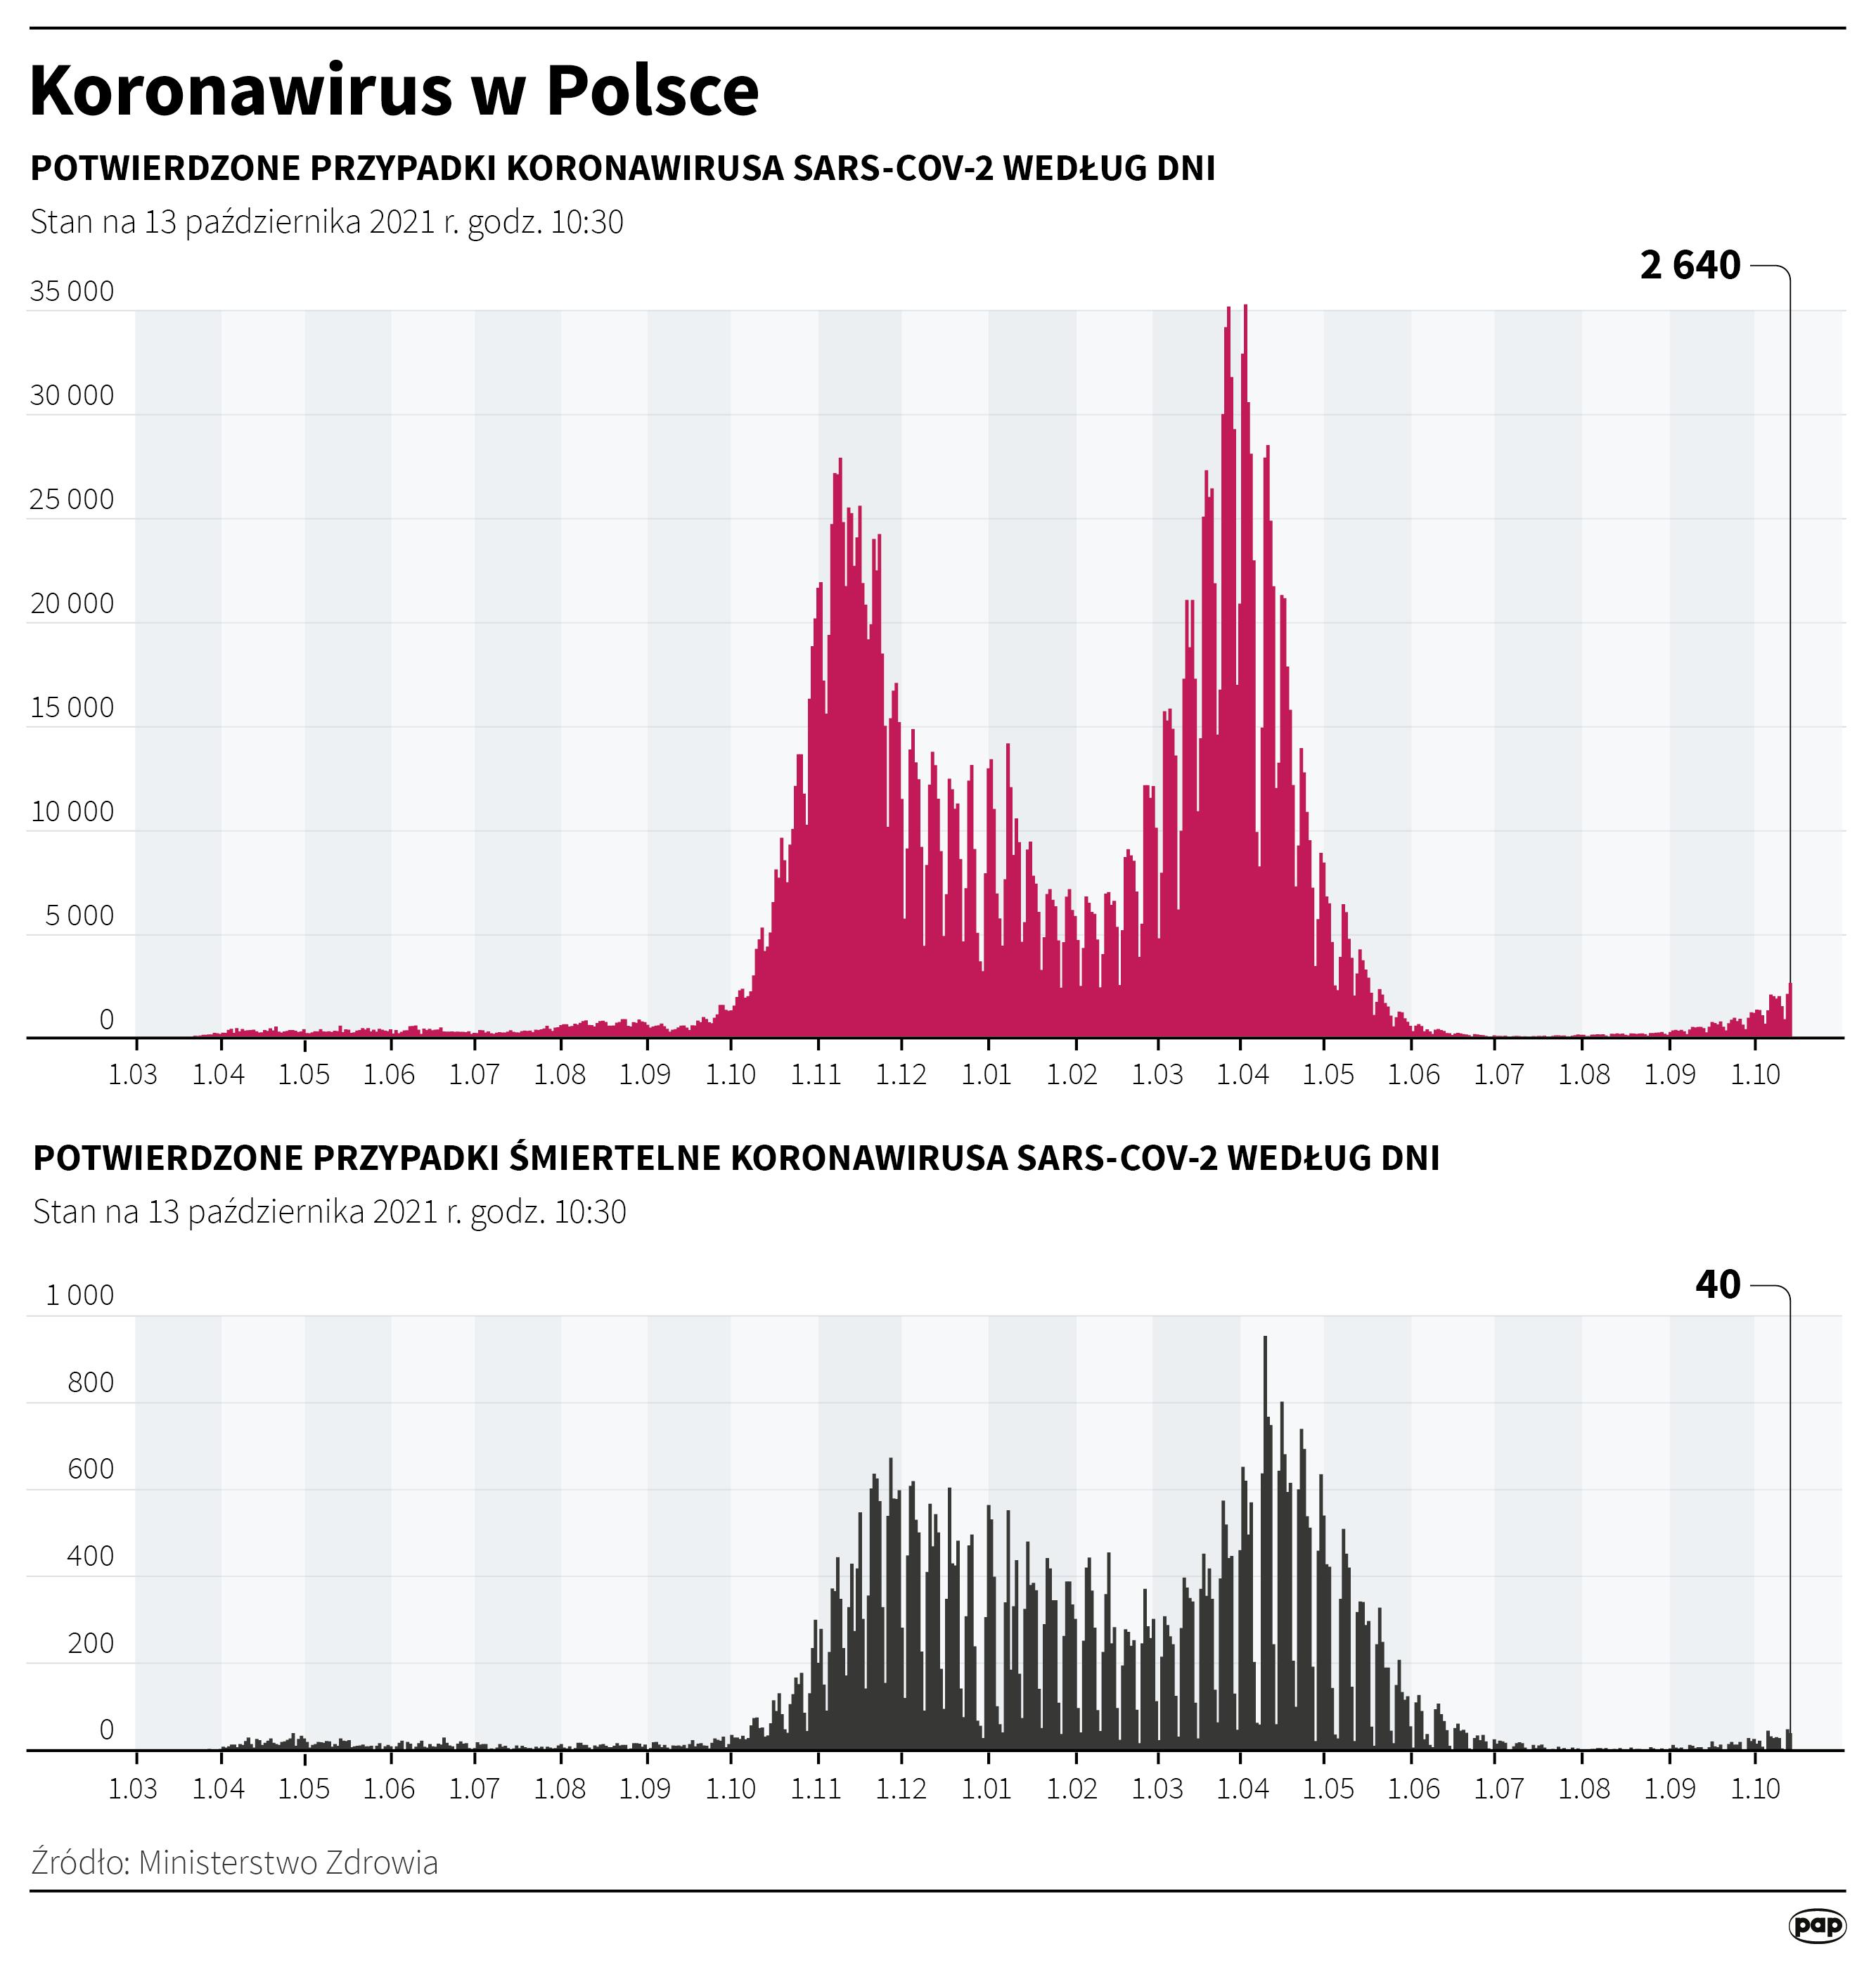 Koronawirus w Polsce - stan na 13 października [Autor: Maciej Zieliński, źródło: PAP]